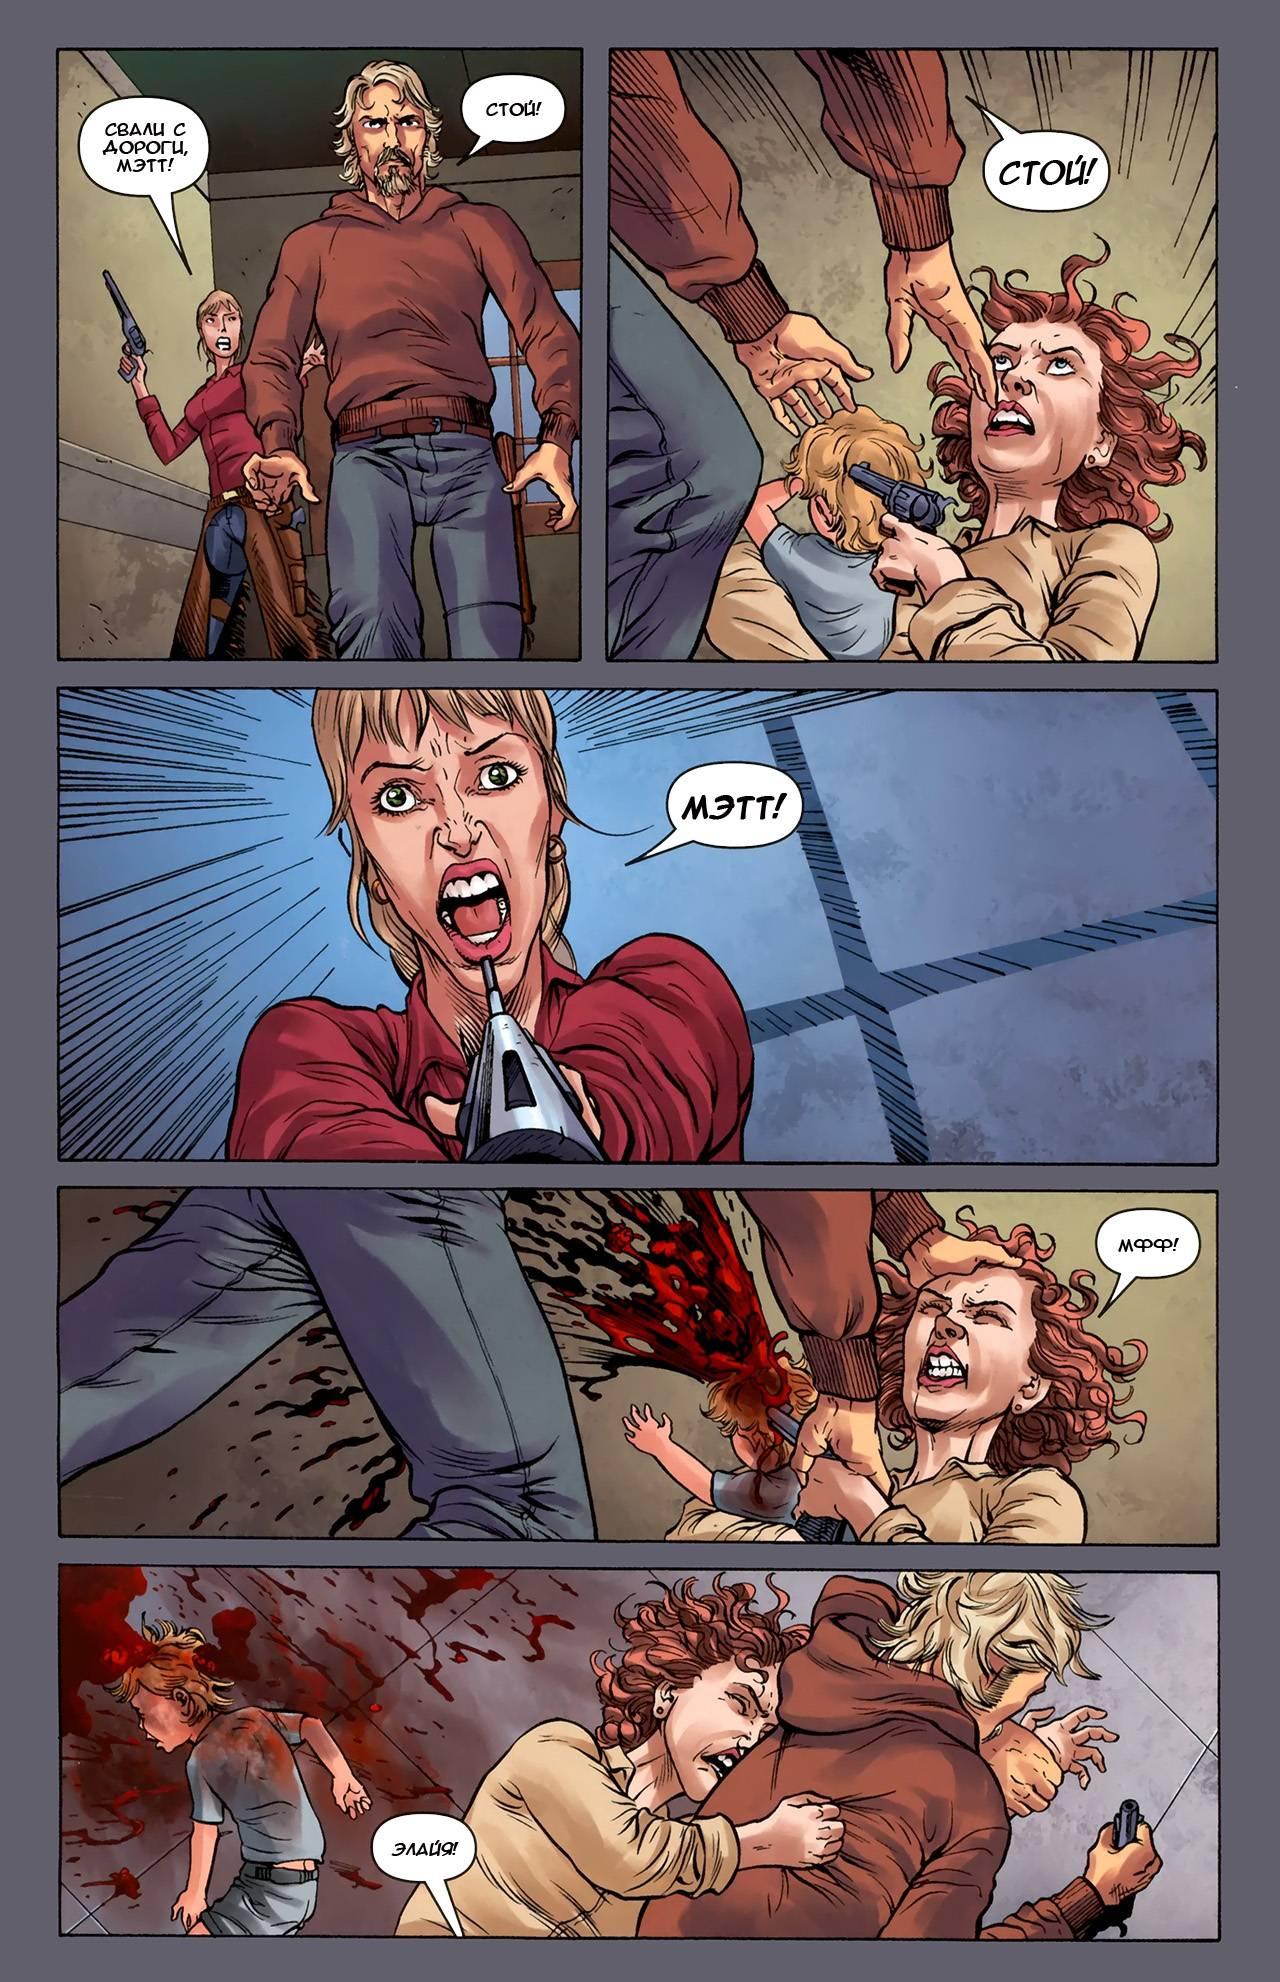 Ххх комиксы читать 7 фотография